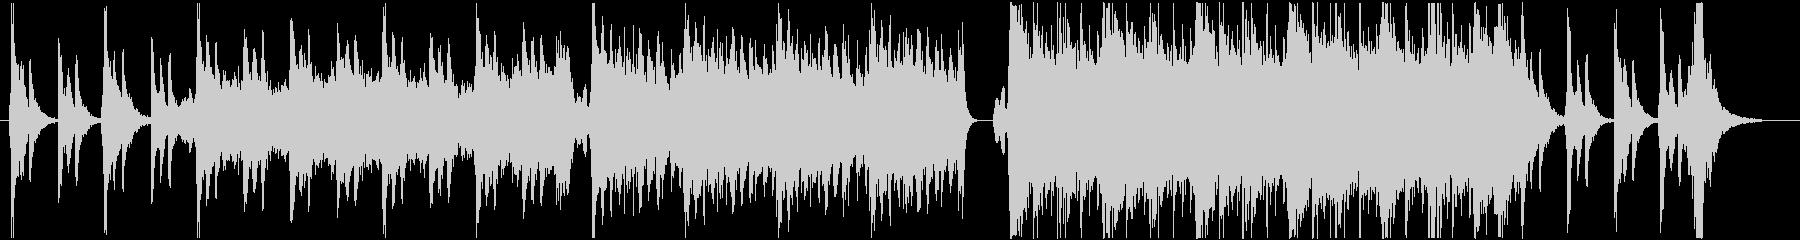 [逆境・戦闘・奇跡]オーケストラBGMの未再生の波形